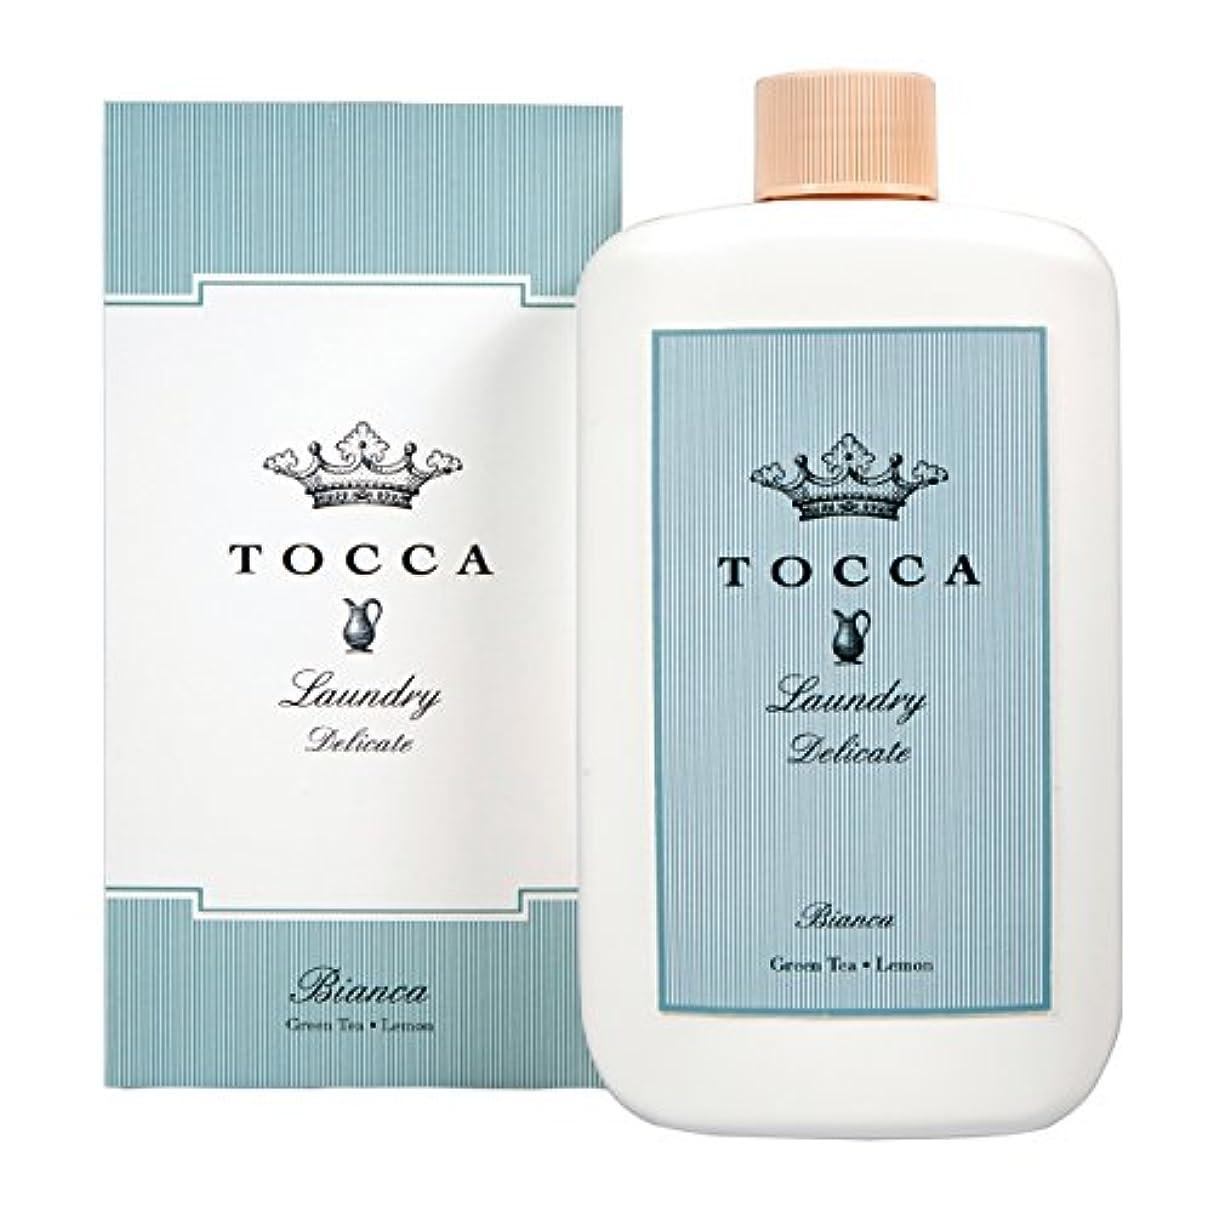 送金統合対抗トッカ(TOCCA) ランドリーデリケート ビアンカの香り 235ml (デリケート素材用洗剤 洗濯用合成洗剤 シトラスとグリーンティー、ローズが絶妙に溶け合ったほのかに甘さ漂うフレッシュな香り)